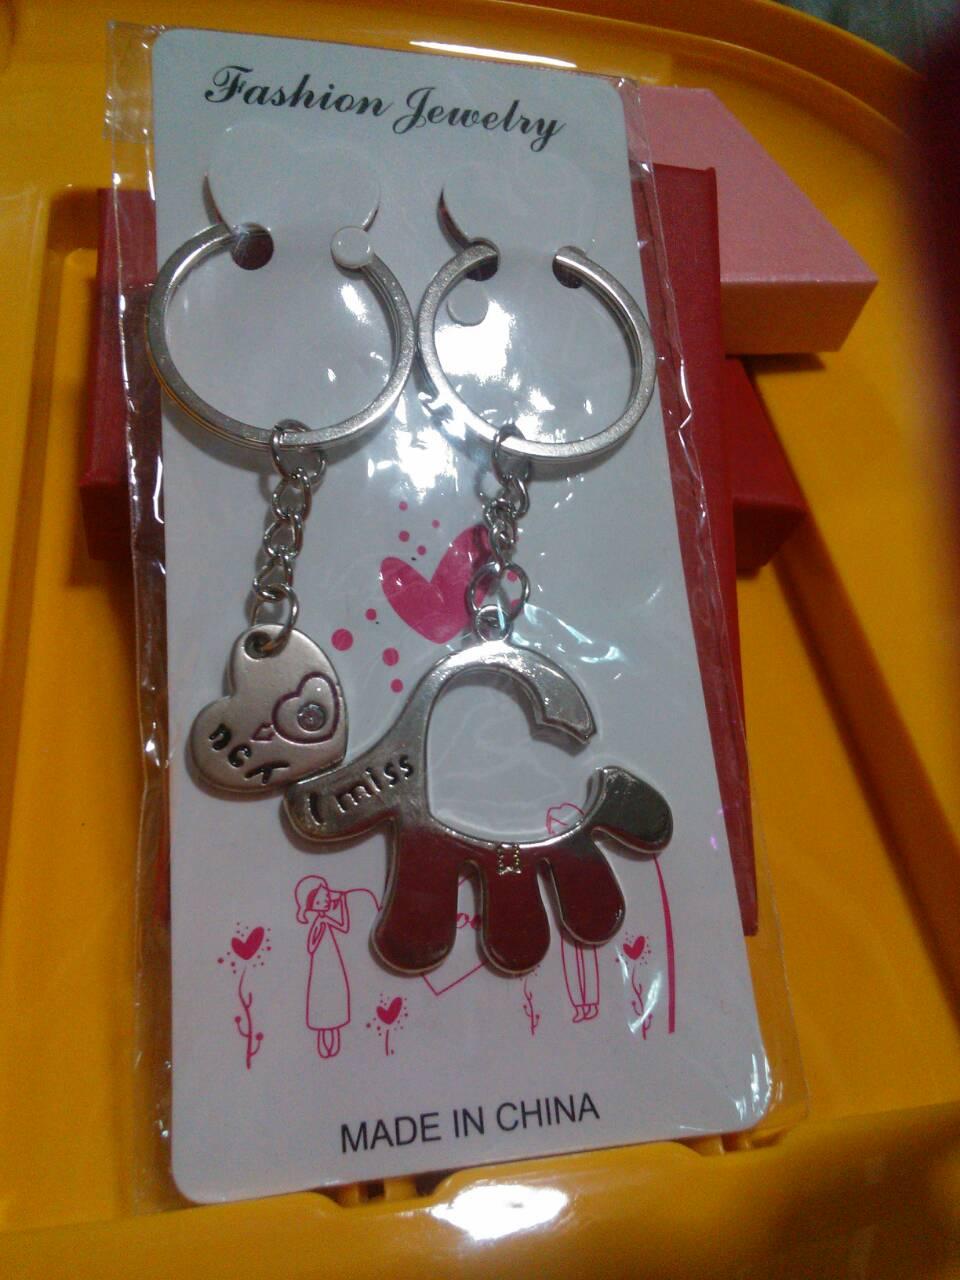 พวงกุญแจตู่รัก5 กุญแจผ่าหัวใจกลาง